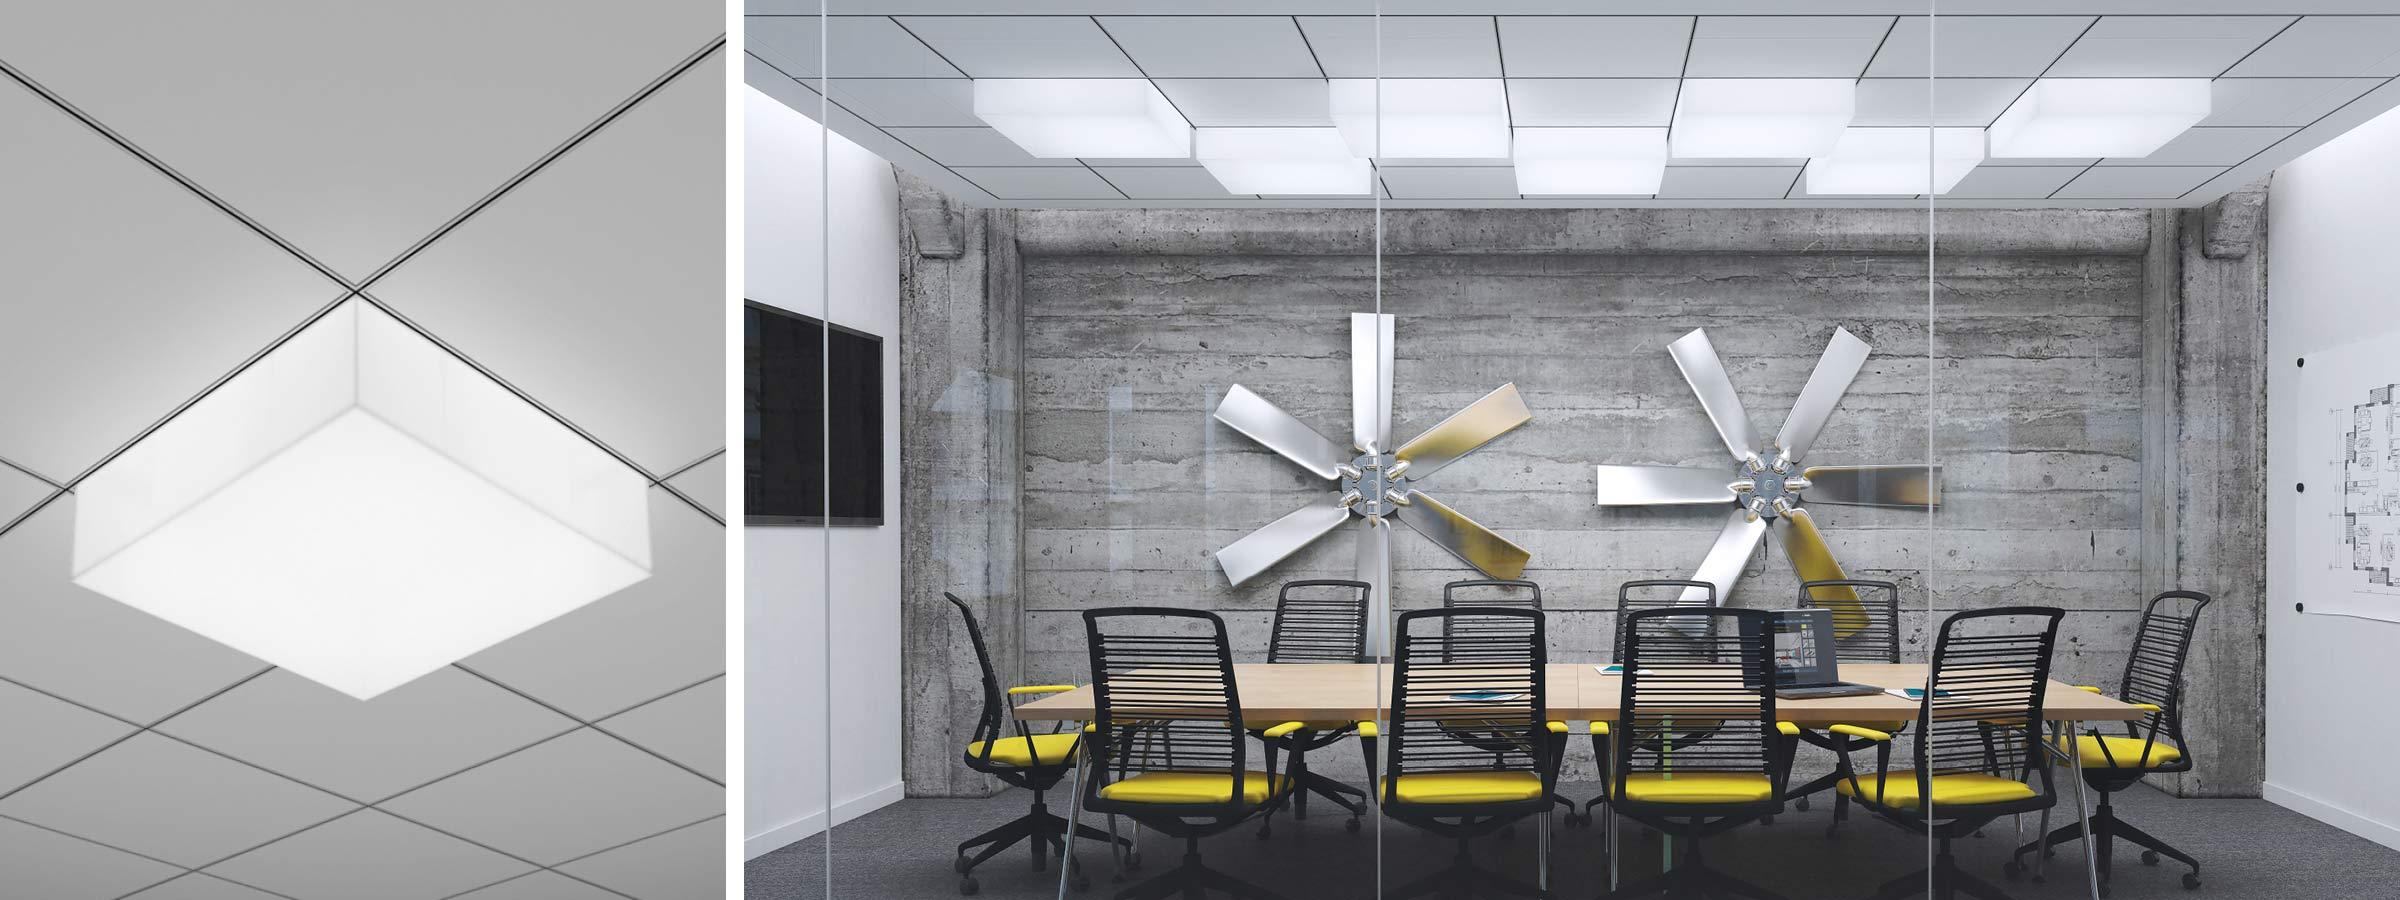 Skyefall Render Recessed Meeting Room HERO